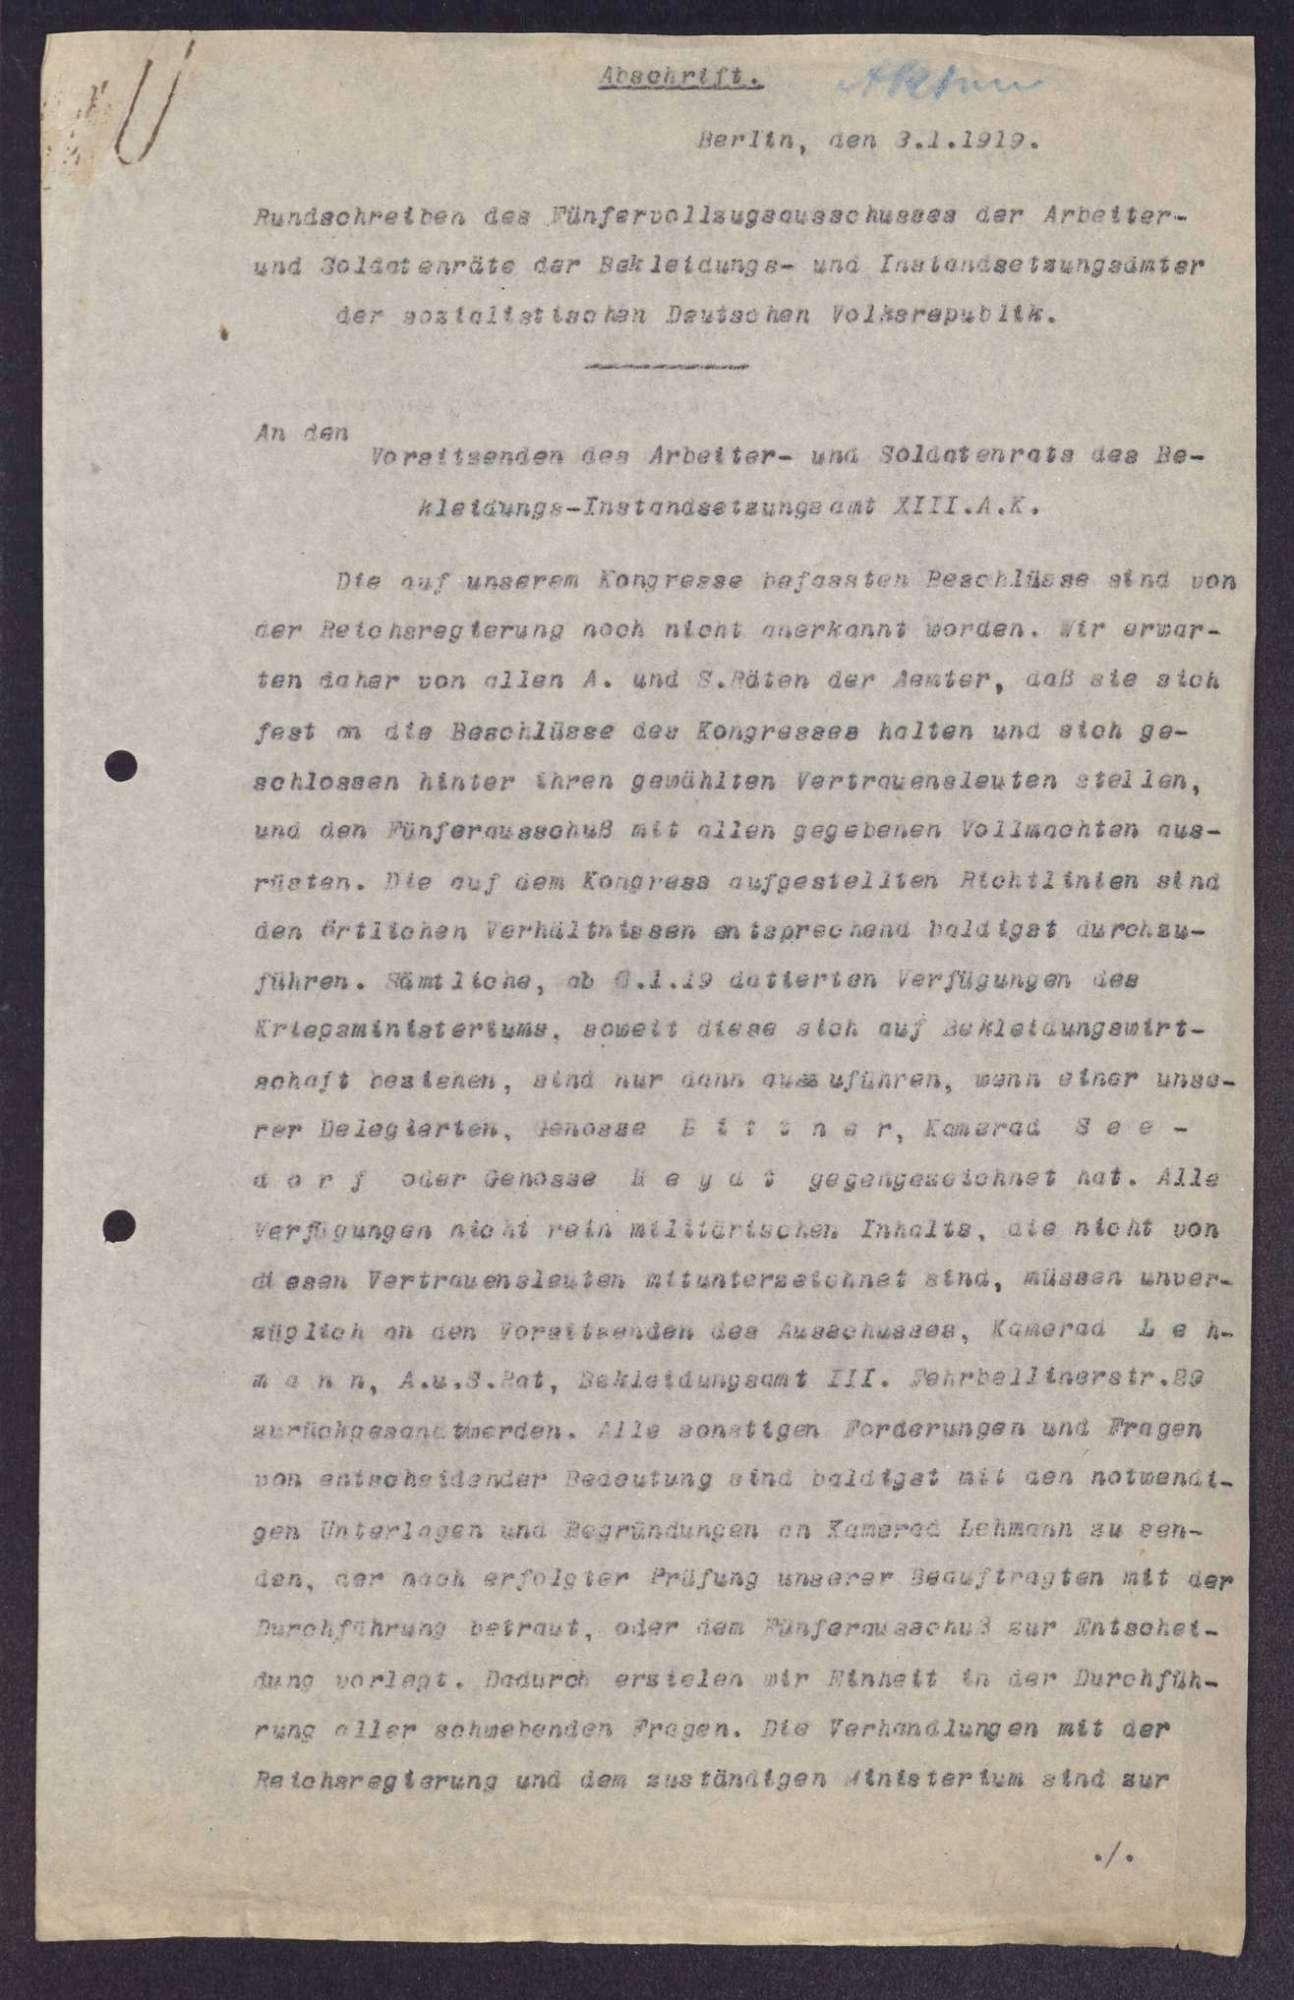 Beschlüsse des Kongresses der Arbeiter- und Soldatenräte der deutschen Bekleidungs- und Instandsetzungsämter in Berlin, Bild 1